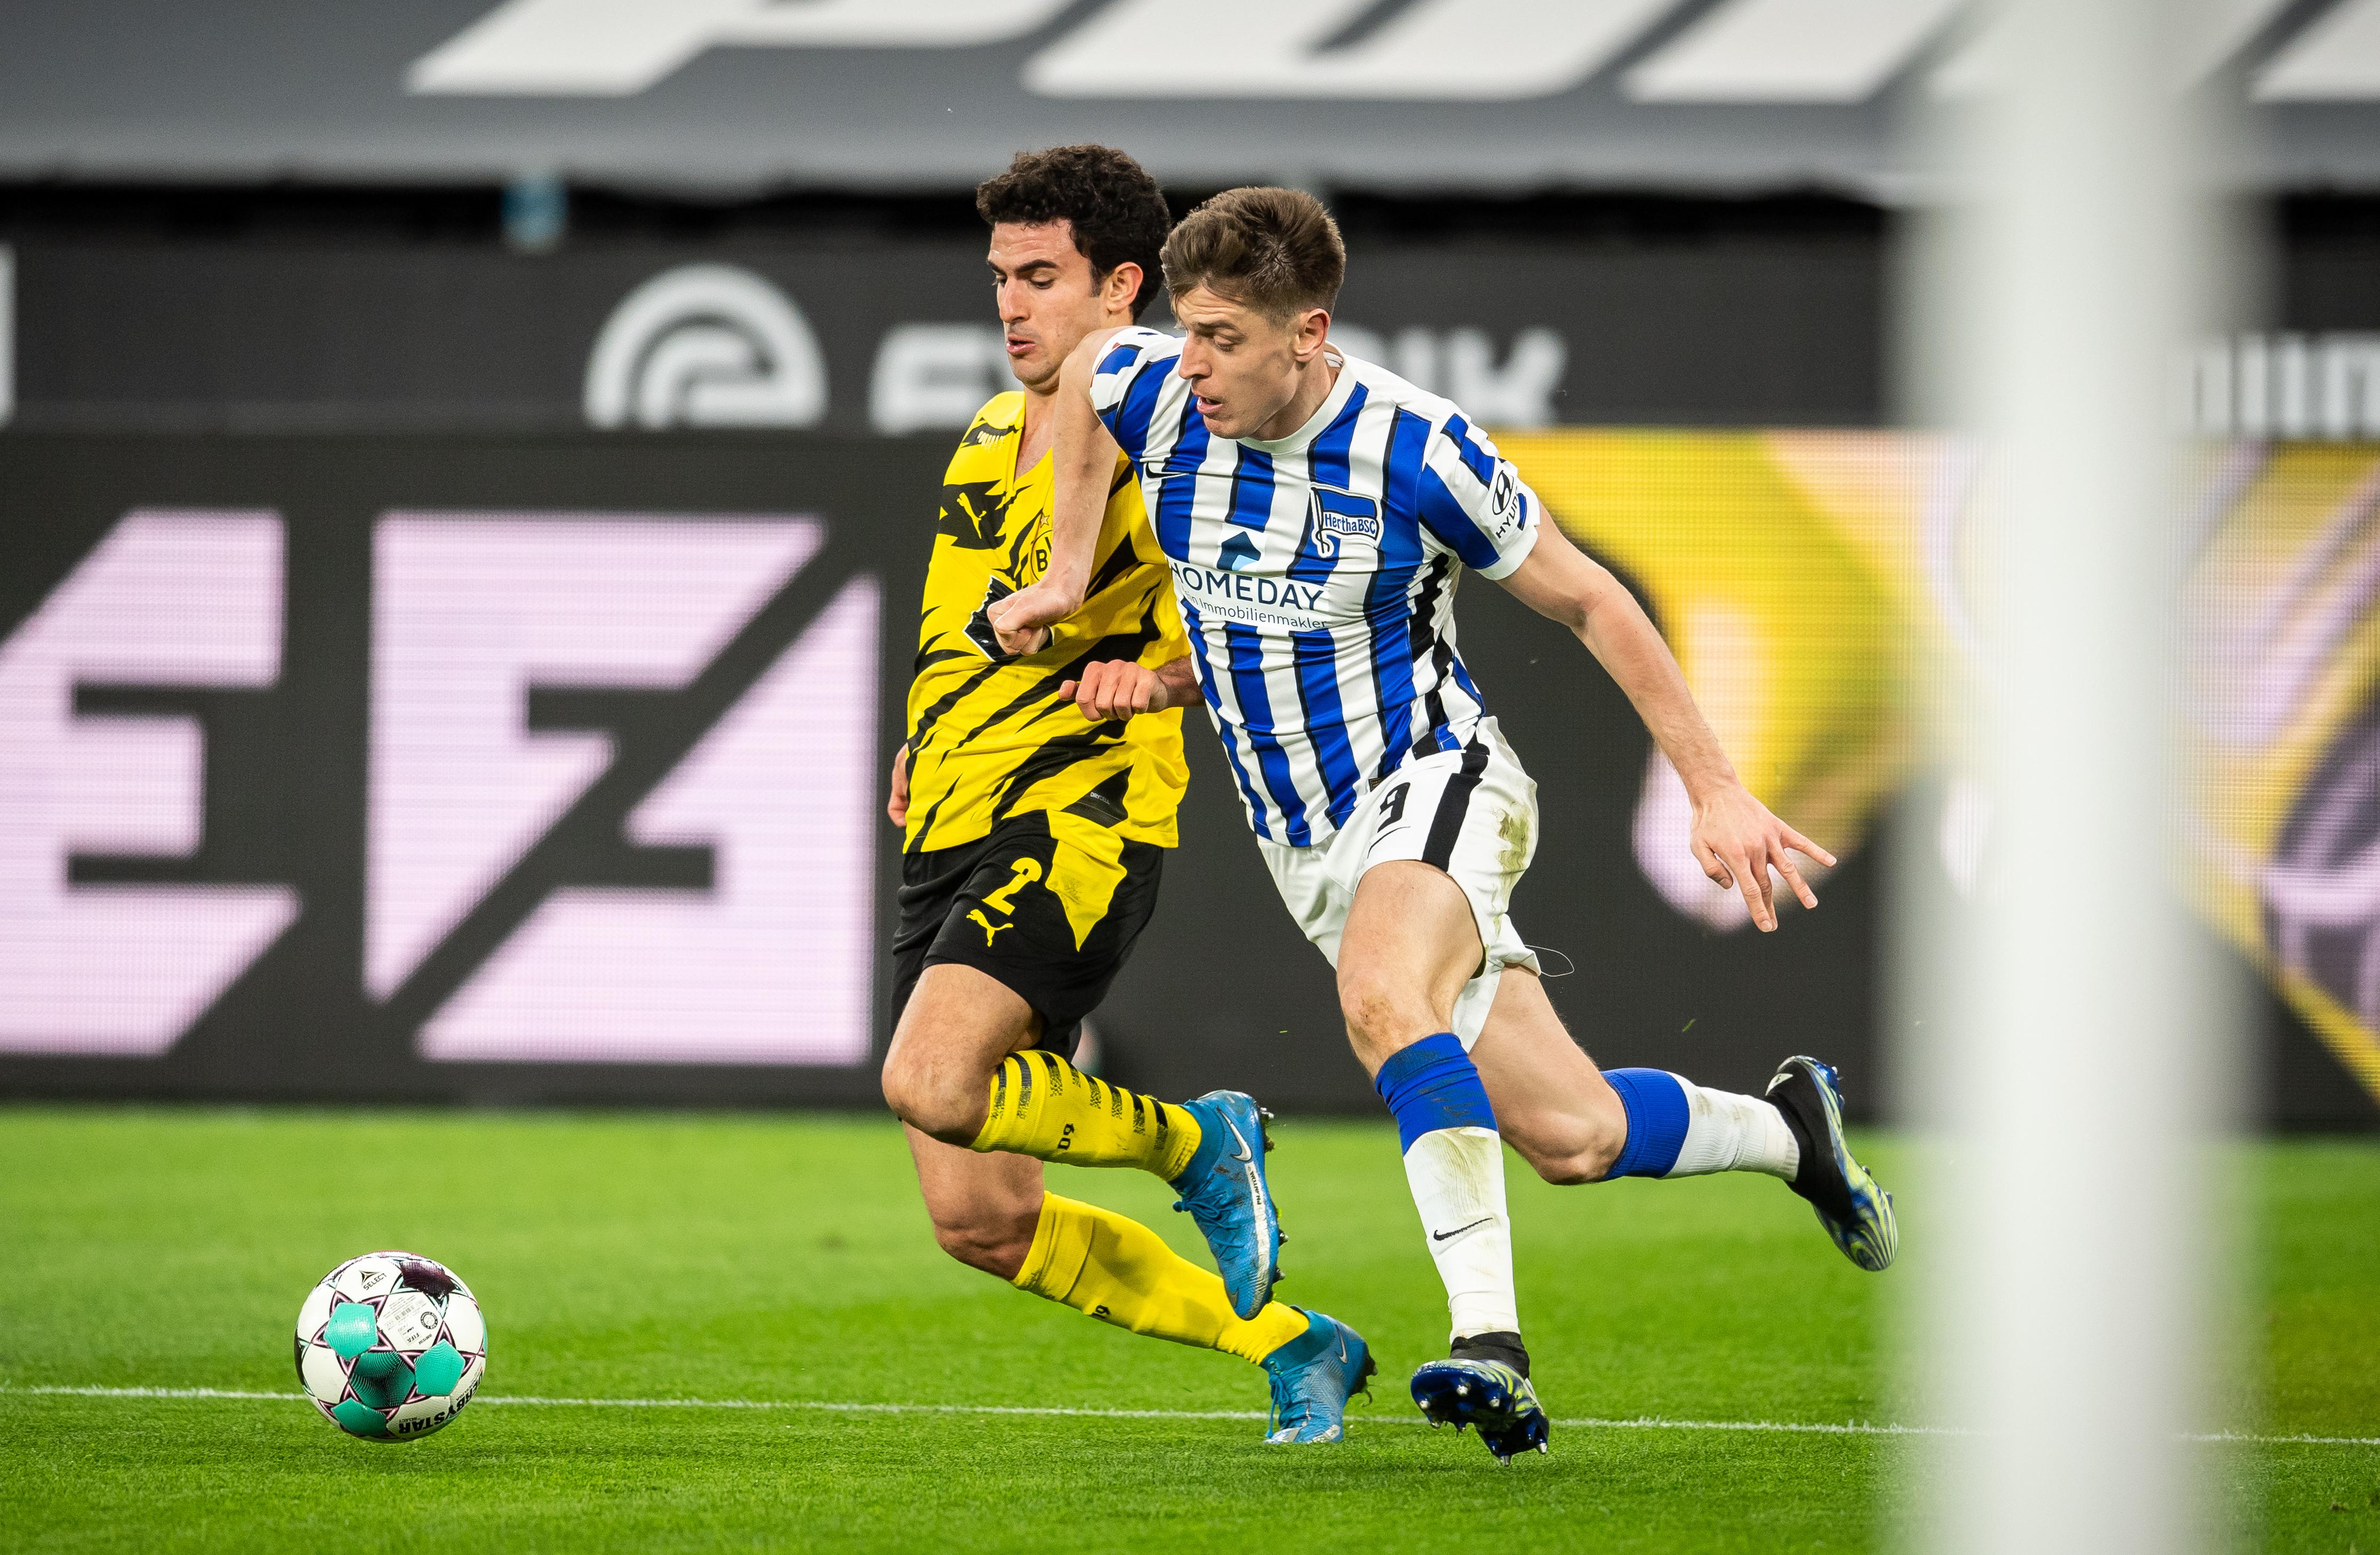 Duelos cerrados en el partido contra el BVB